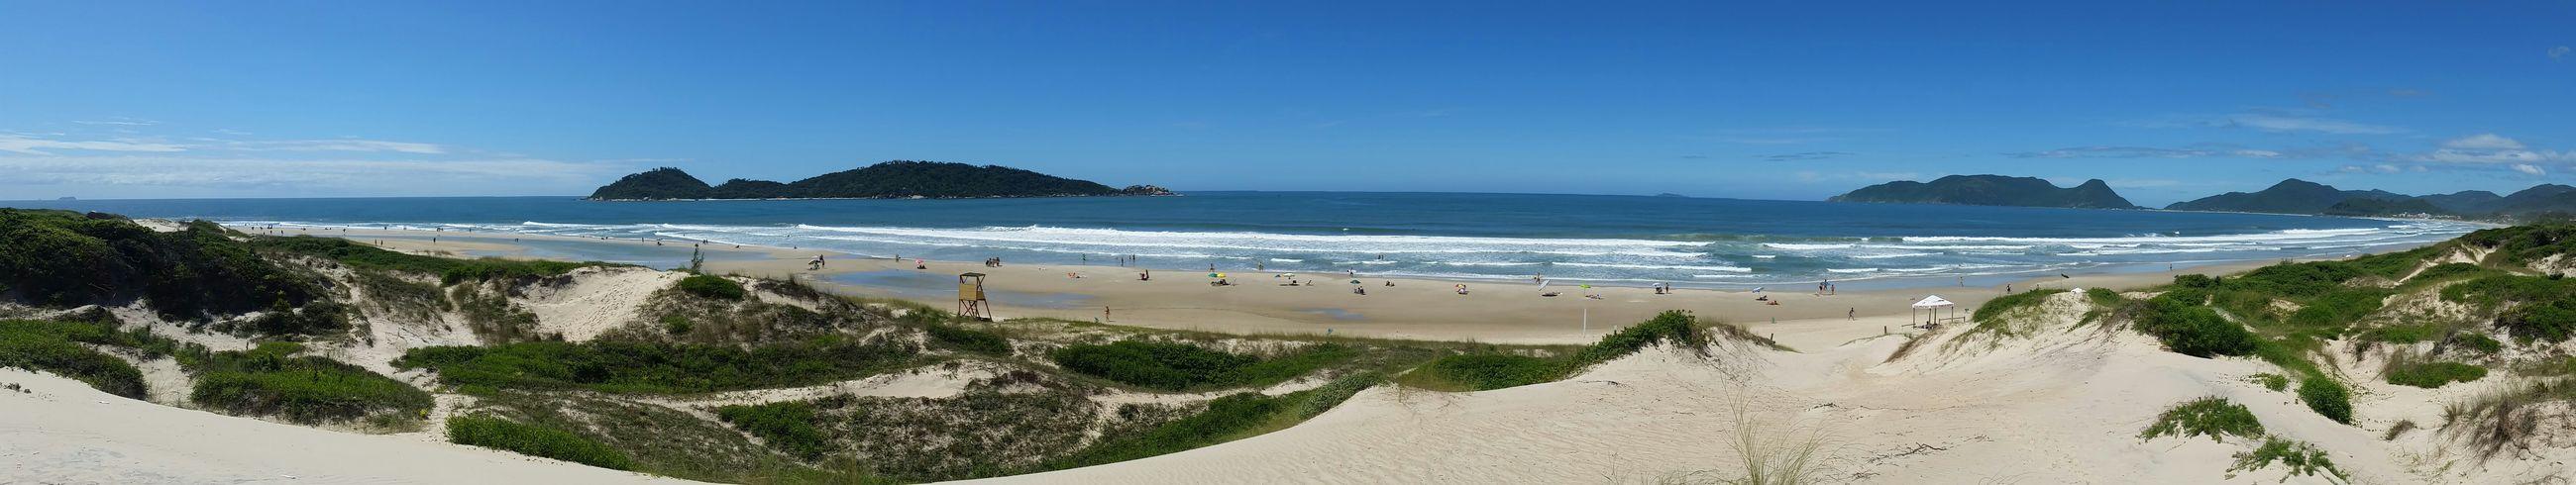 Relaxing Paradise Florianópolis Brasil Brazil